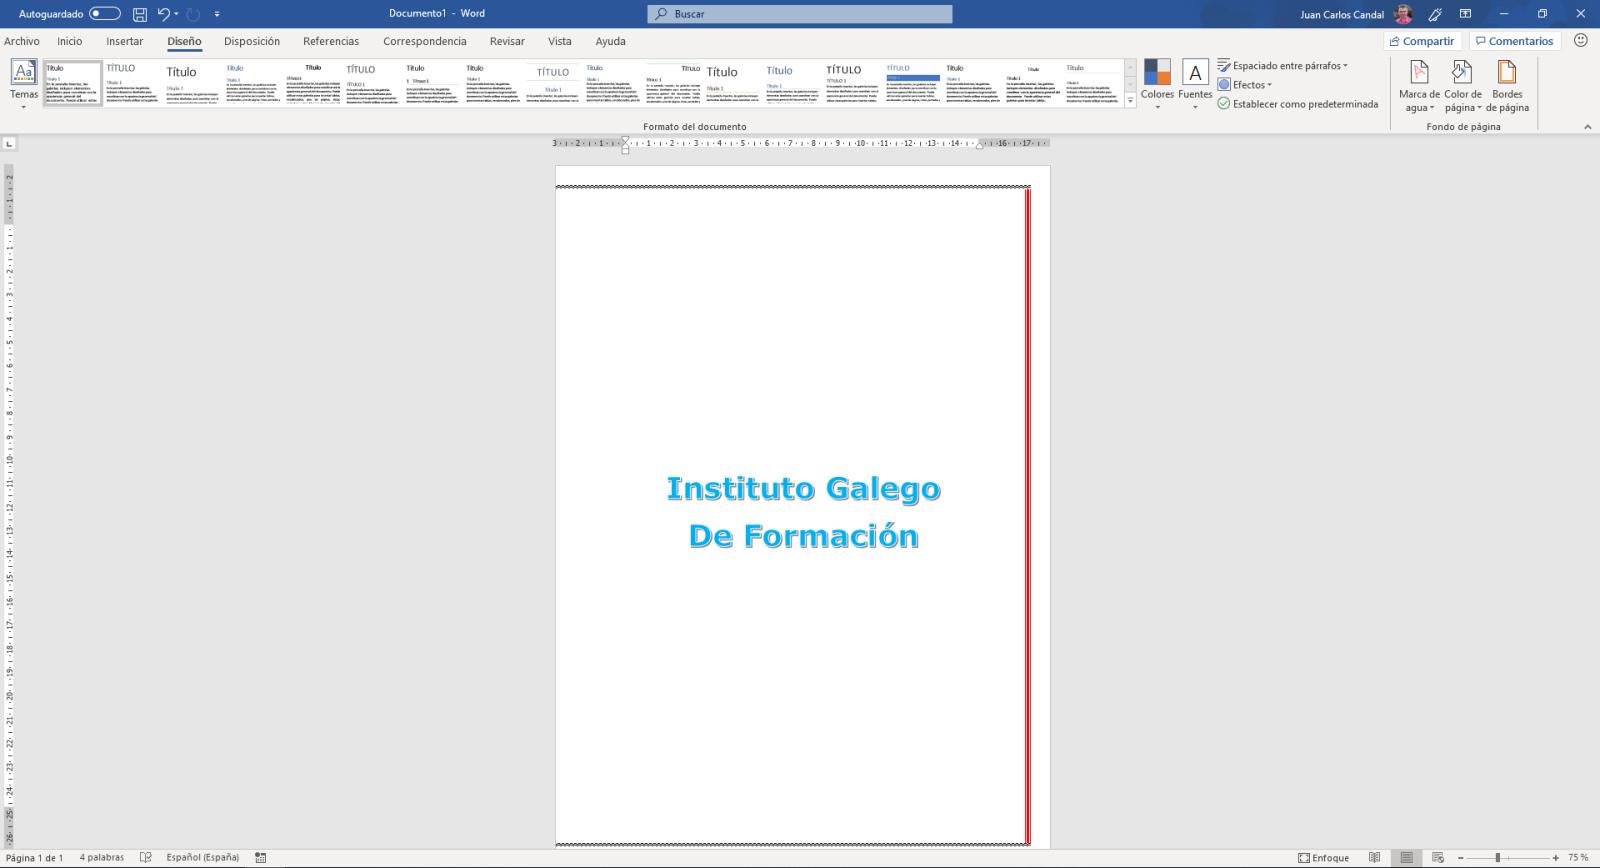 bordes de página - Instituto Galego de Formación